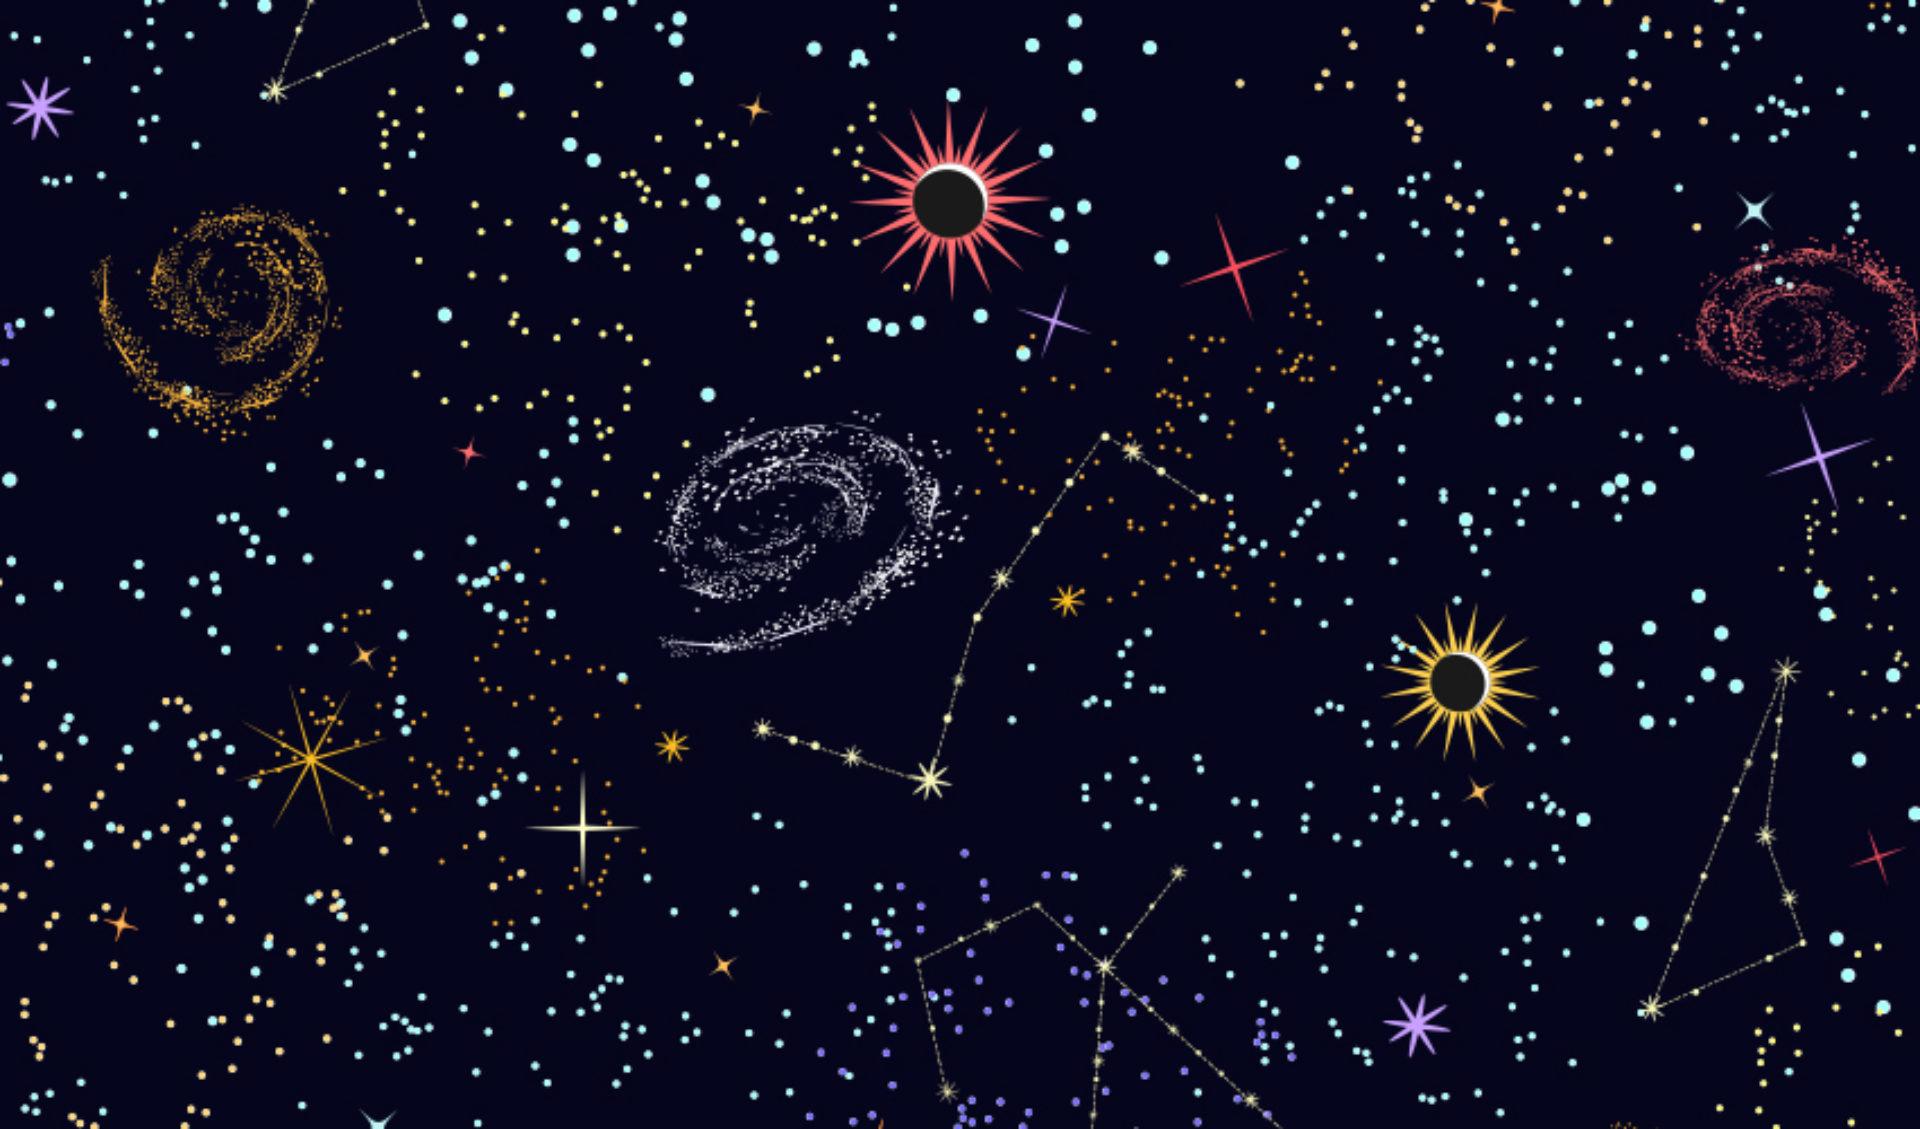 De kosmos en de wereldeconomie